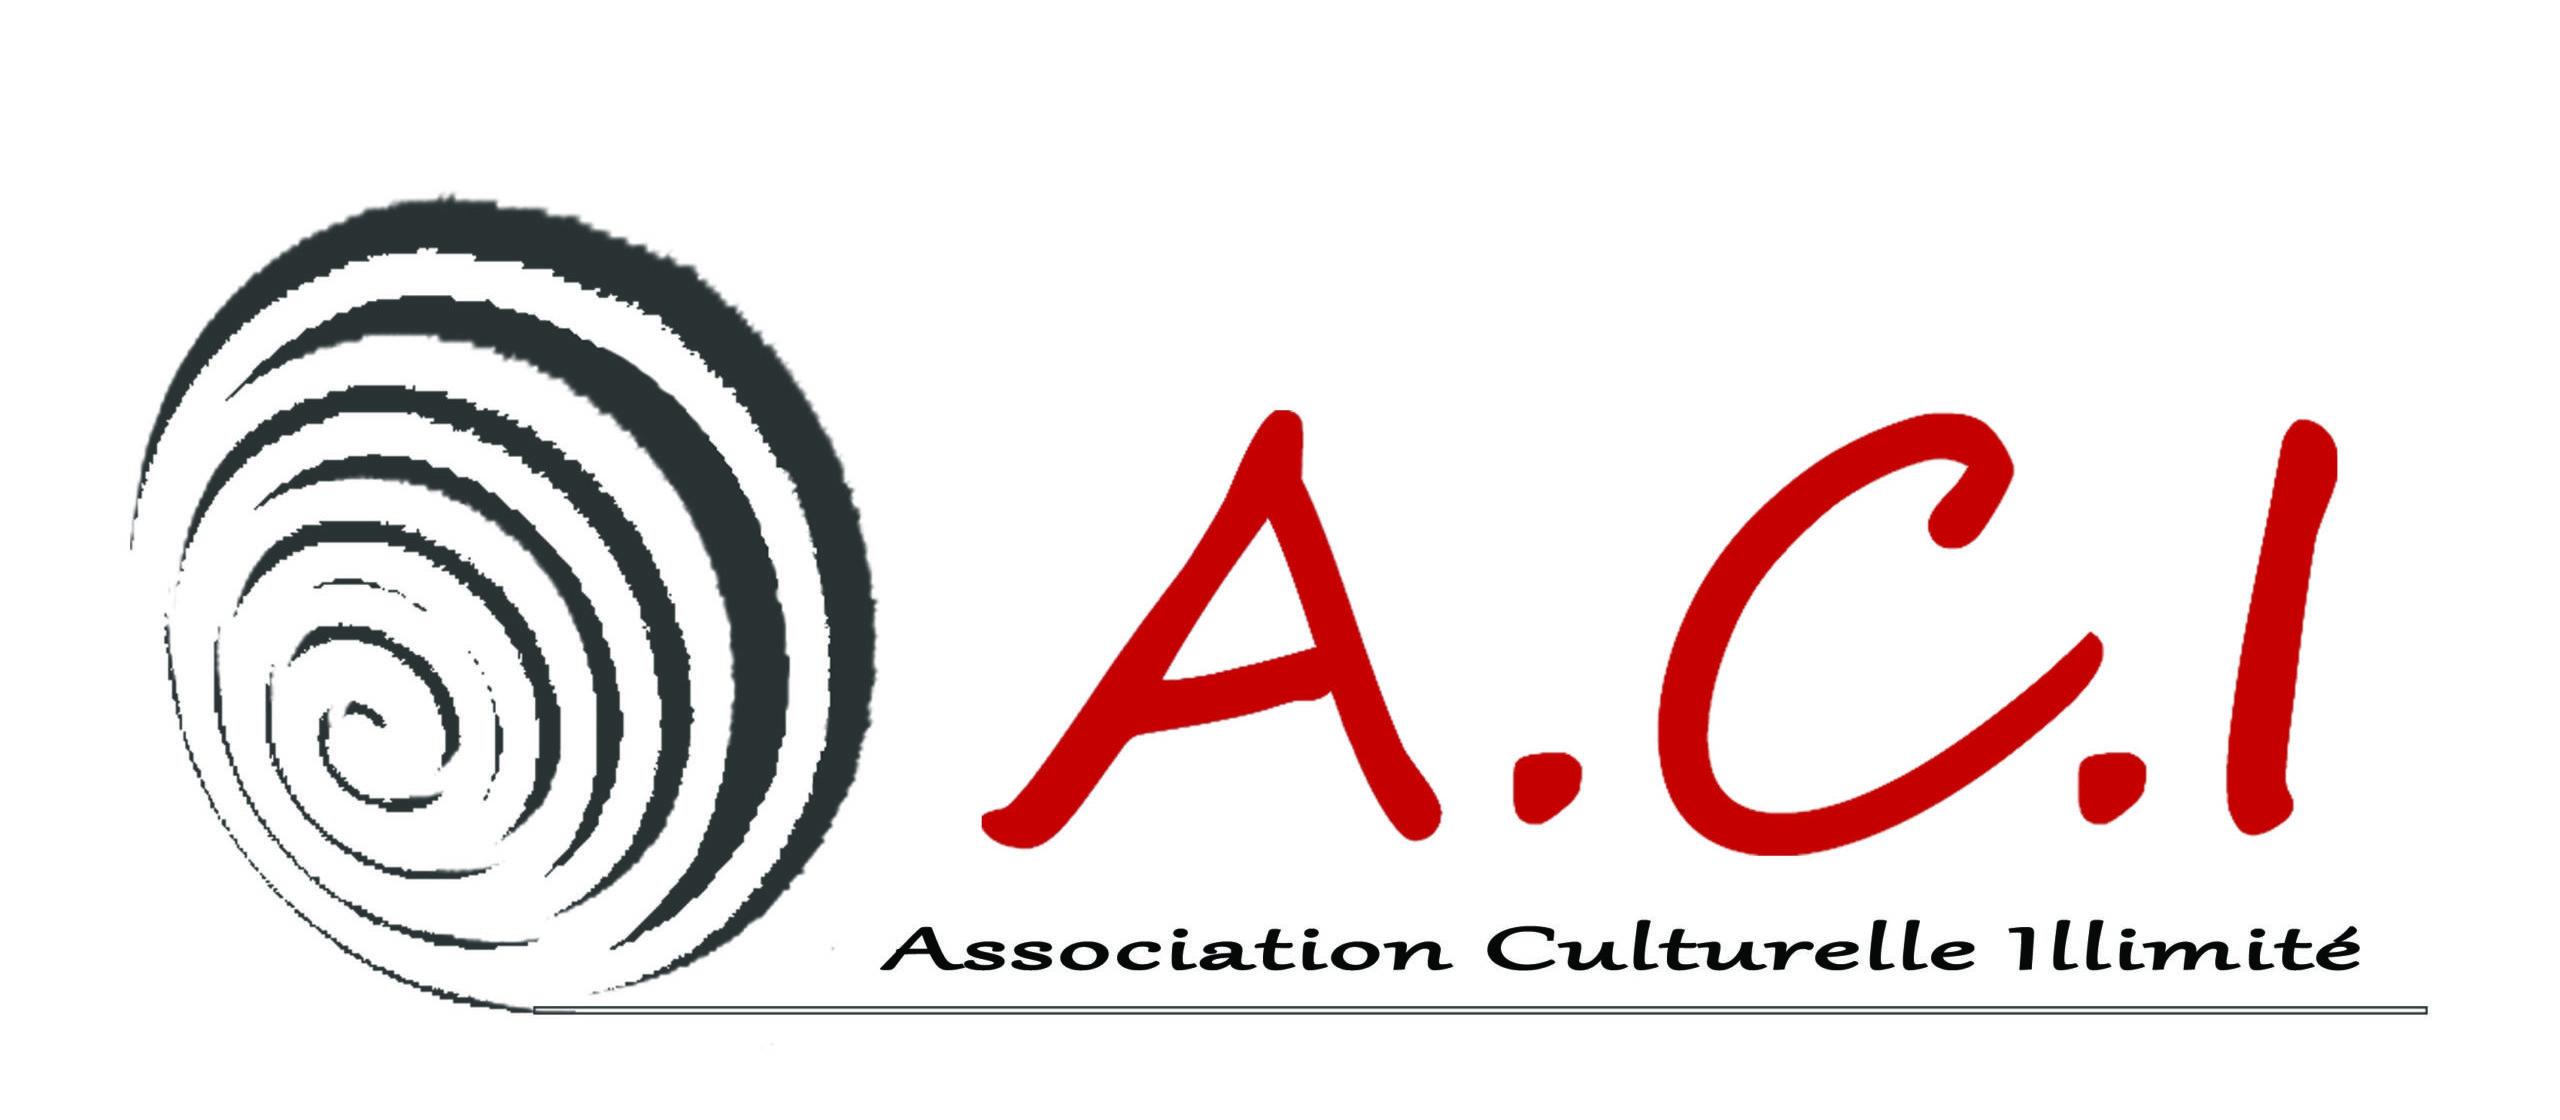 Association Culturelle Illimité